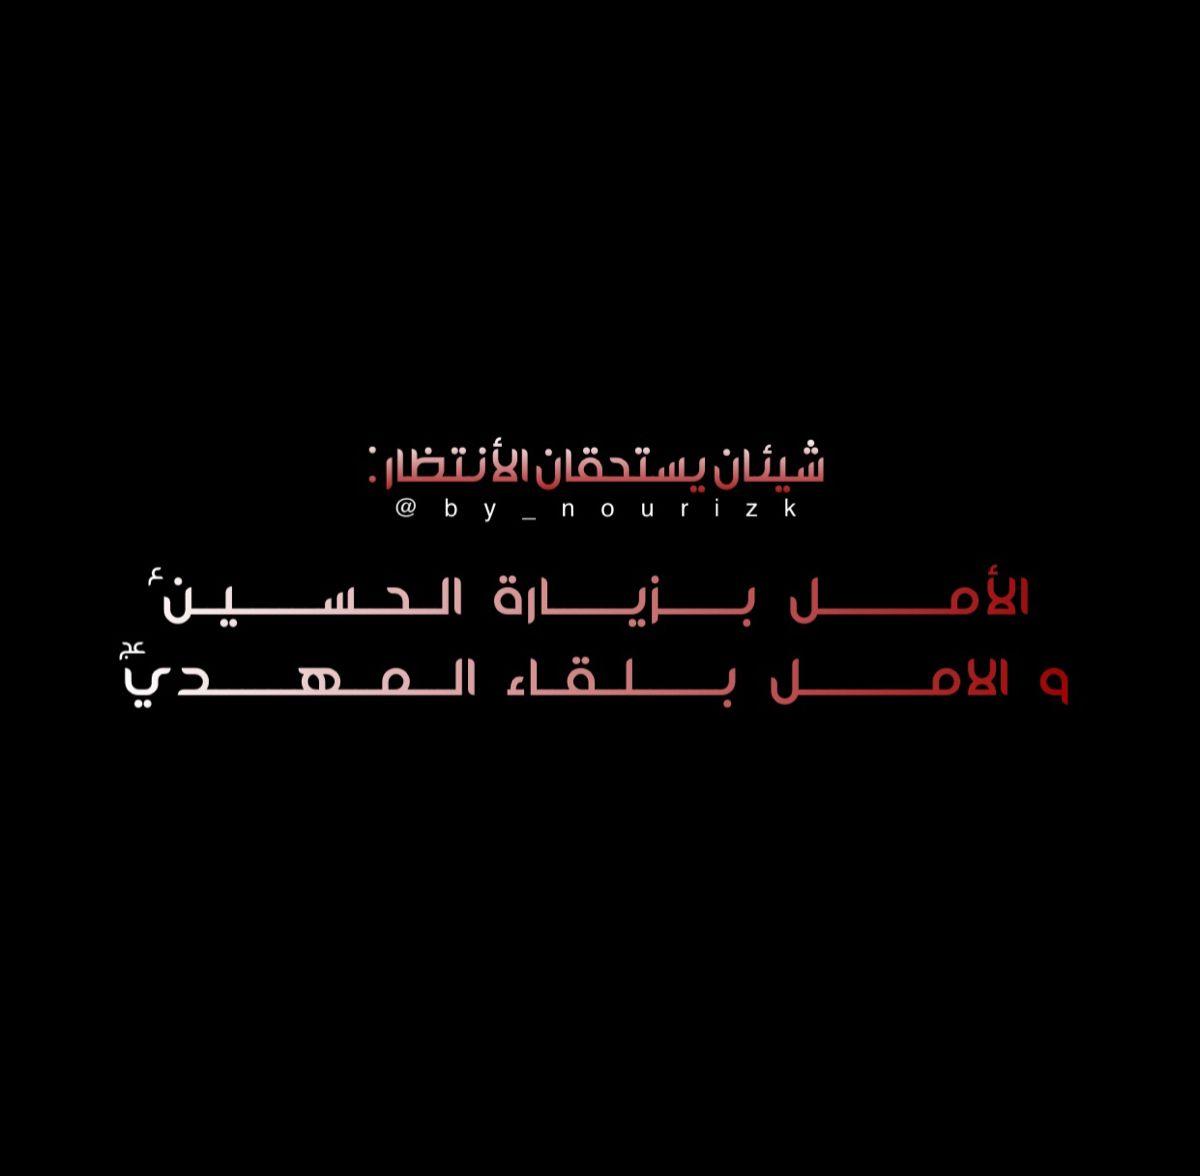 زيارة الح سين ع و لقاء المهدي عج